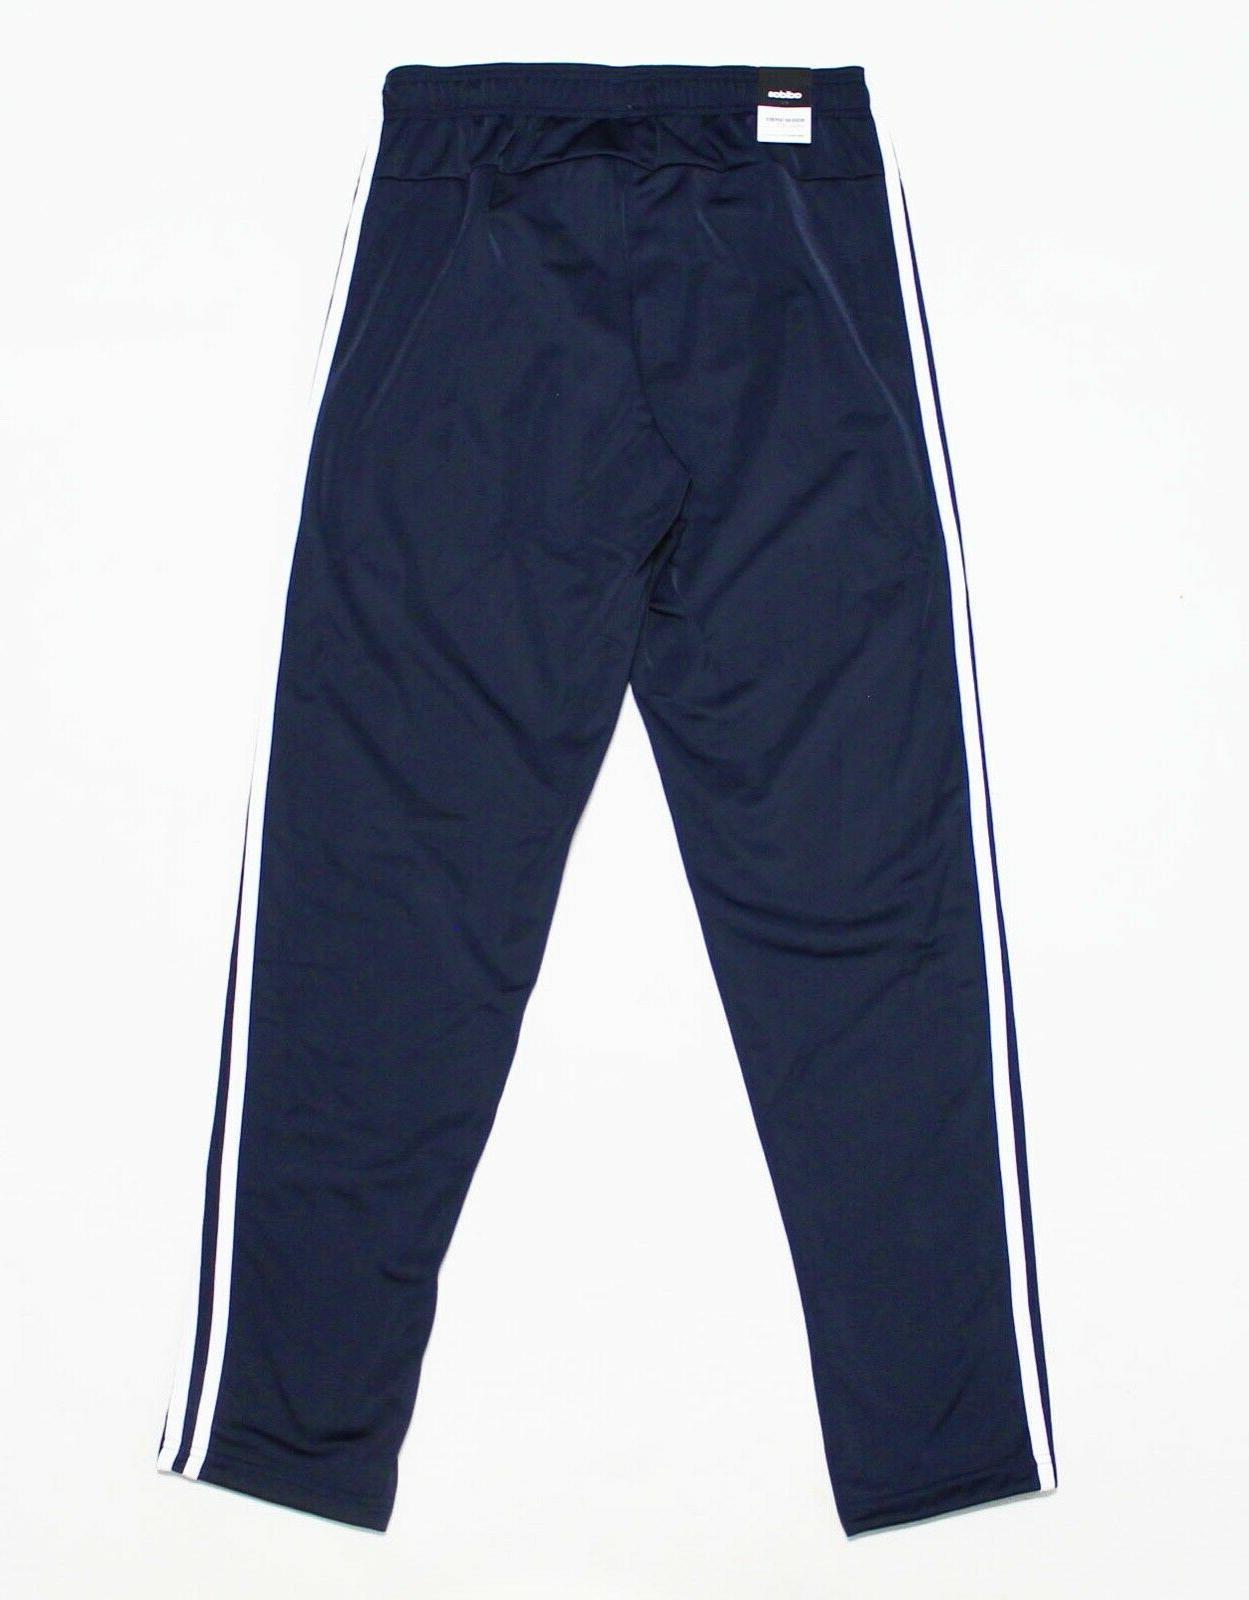 NWT Warm-Up Tricot Suit Set & Pants Jogger